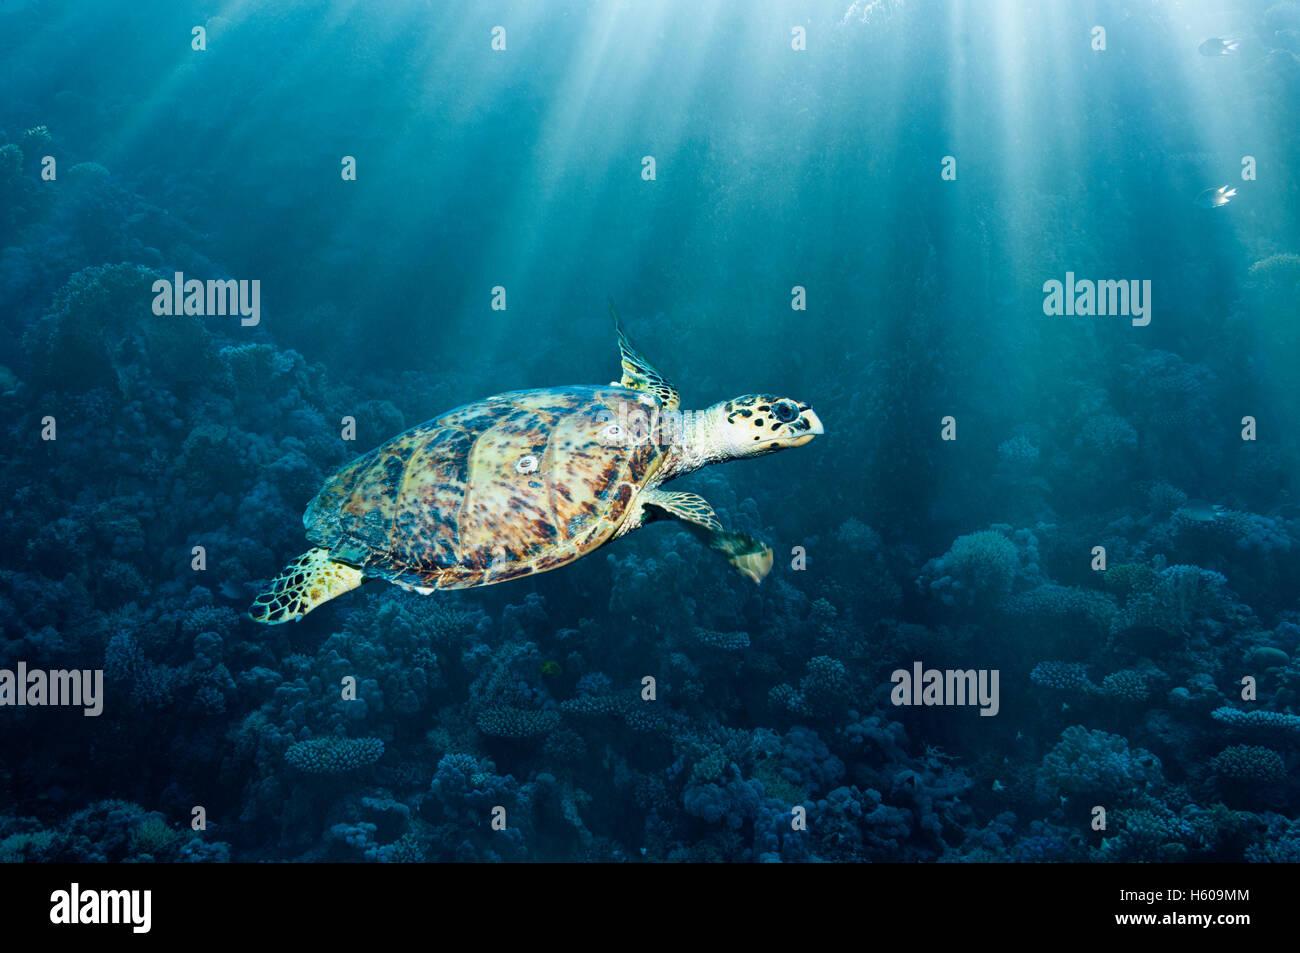 Tortue imbriquée (Eremochelys imbricata) avec des rayons de soleil. L'Egypte, Mer Rouge. Banque D'Images